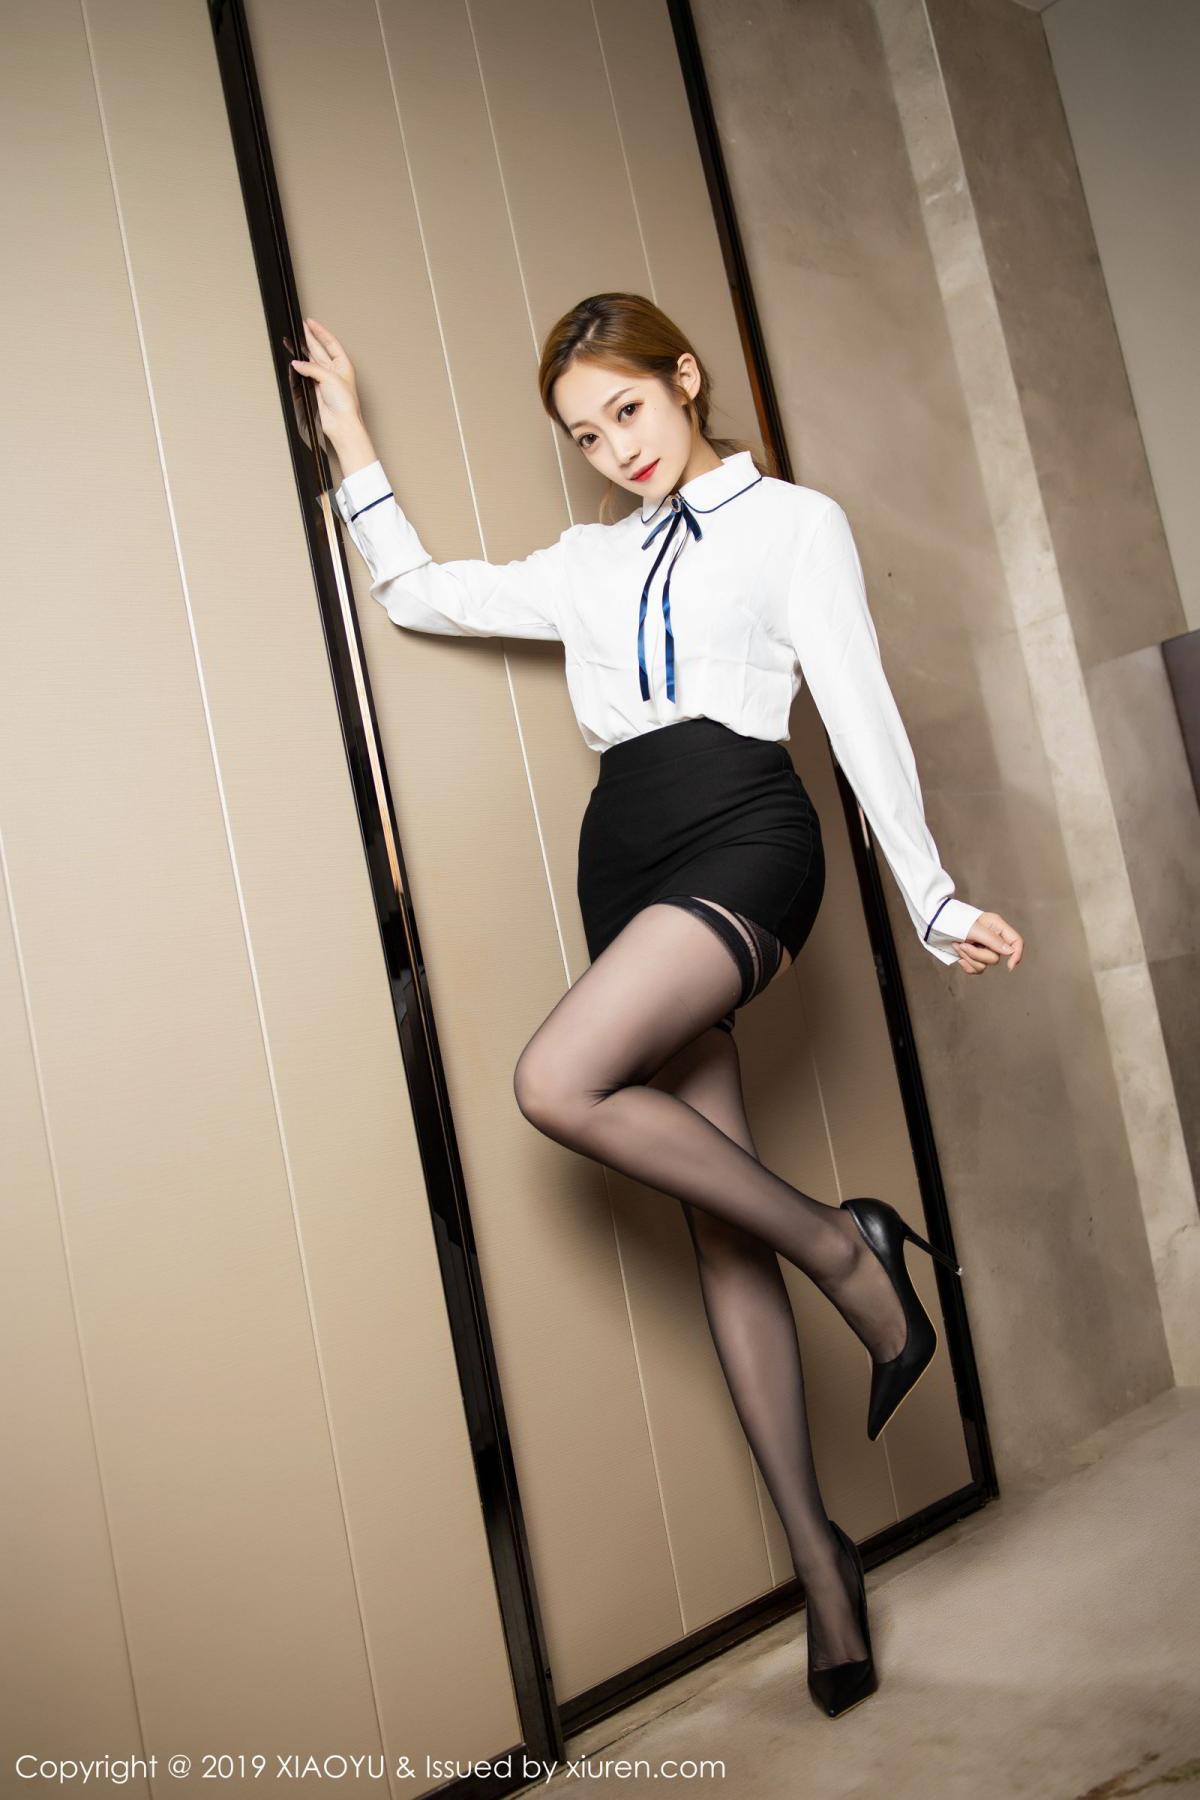 [XiaoYu] Vol.181 Yuner Claire 8P, Black Silk, Underwear, XiaoYu, Yuner Claire